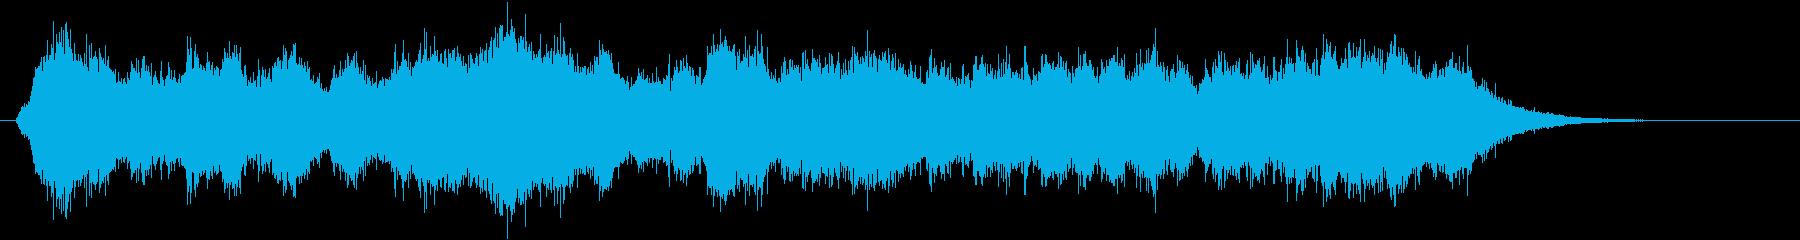 鳥の鳴き声(森、夜、ホラー)の再生済みの波形